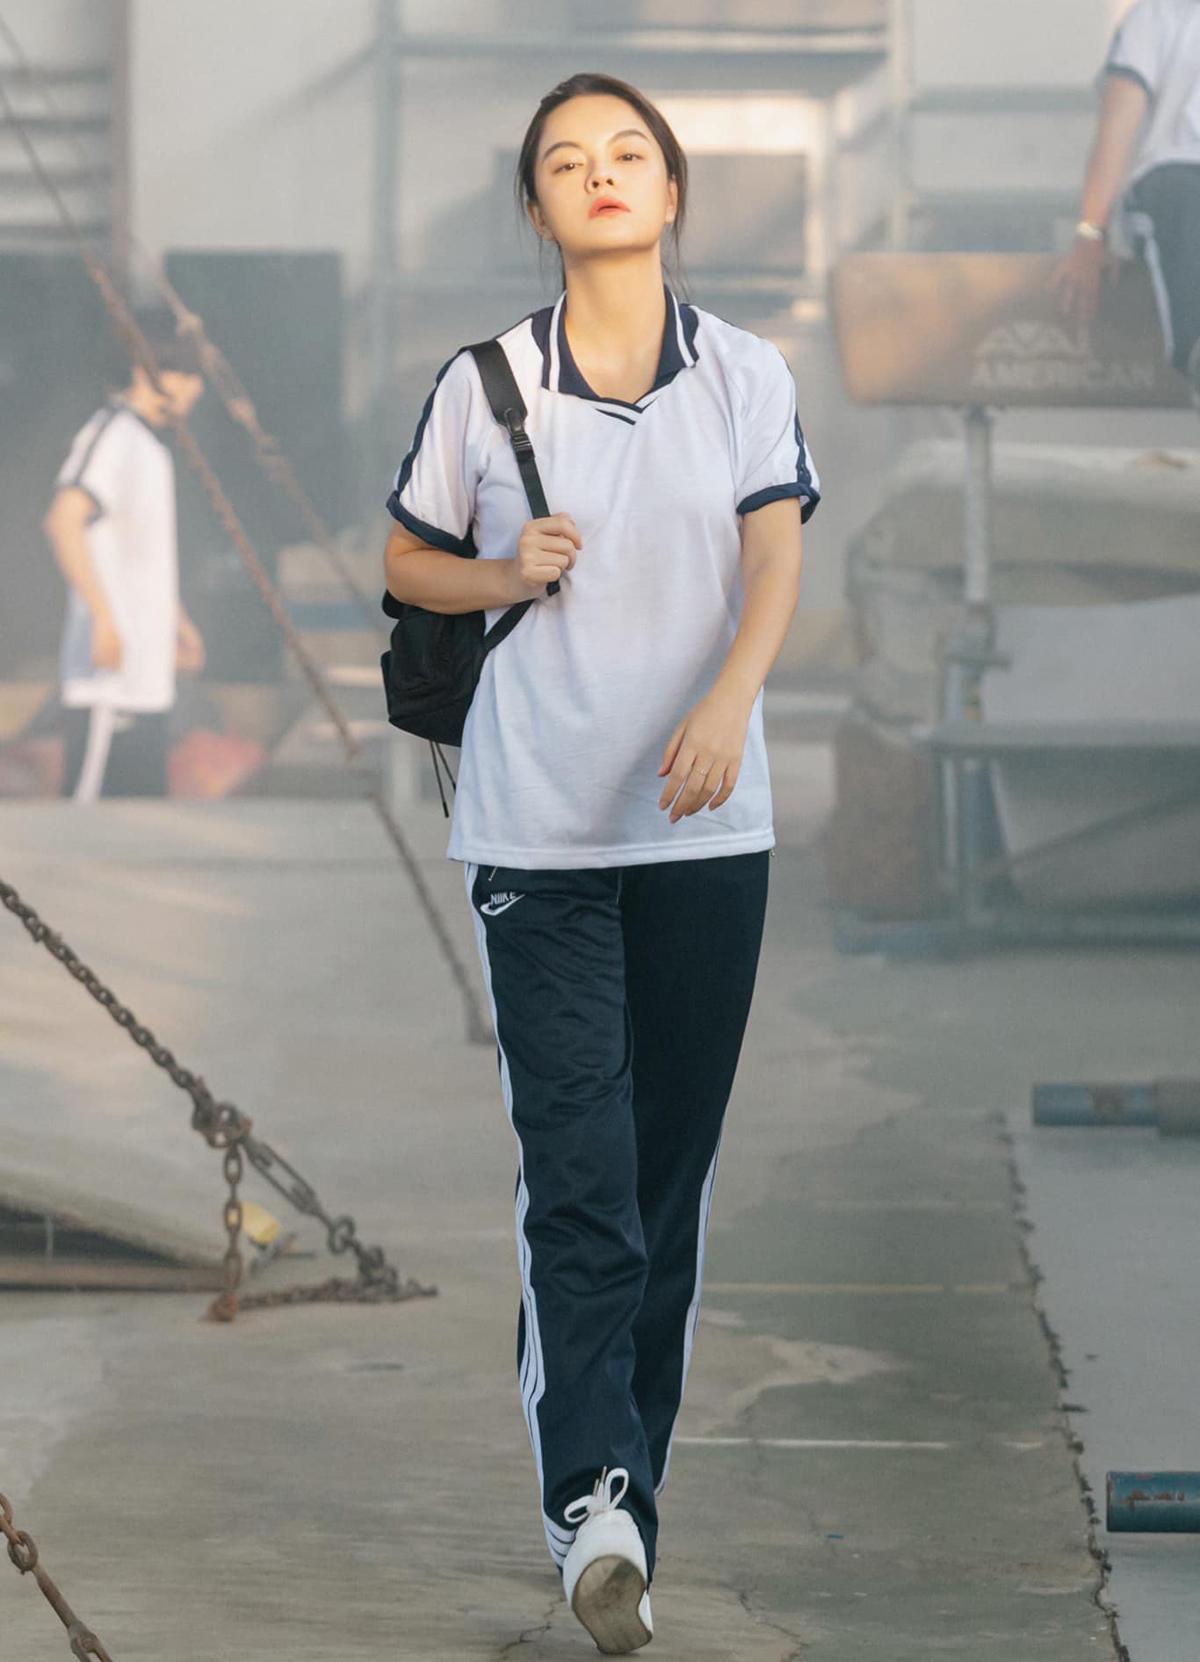 Diện bộ đồng phục thể dục, Phạm Quỳnh Anh trẻ măng chẳng khác gì các nữ sinh cấp ba.